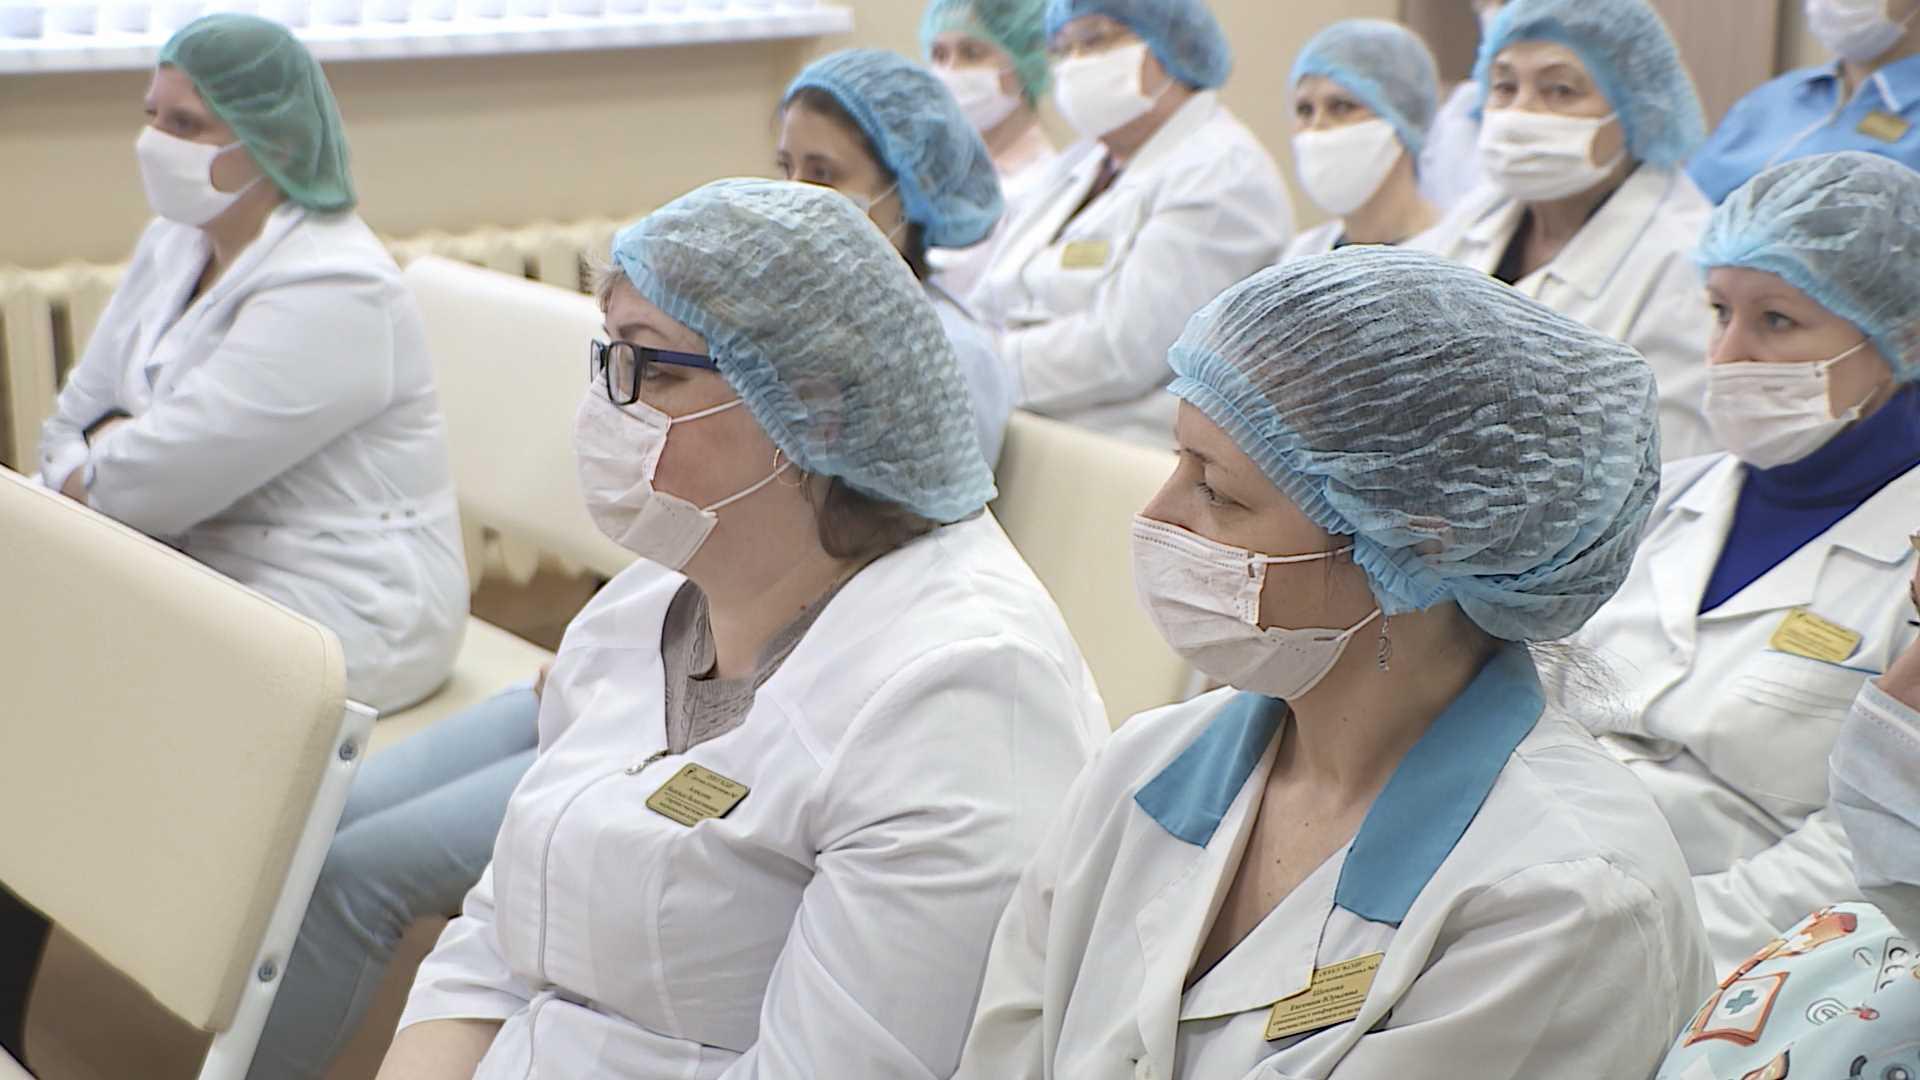 Костромская область получит 9 миллиардов рублей из Фонда ОМС